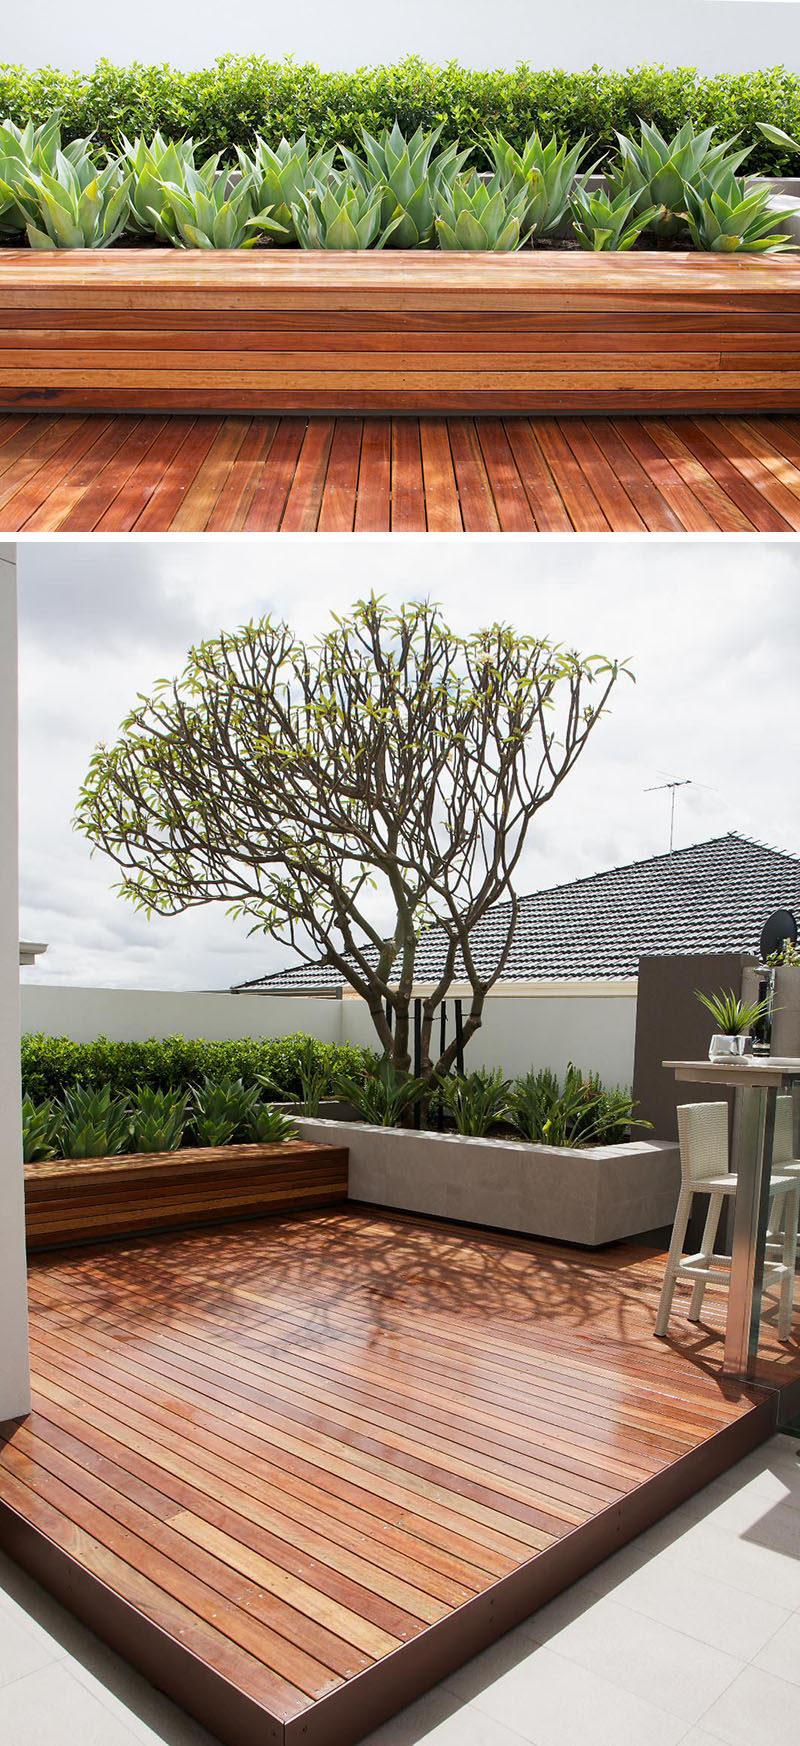 KIẾN TRÚC XANH CARA chuyên thực hiện các dự án xanh như thiết kế thi công các công trình xanh tiết kiệm năng lượng, sân vườn chuyên sâu, vườn ươm cung cấp hơn 300 loại cây xanh hoa cỏ và cây Bonsai khác nhau.y